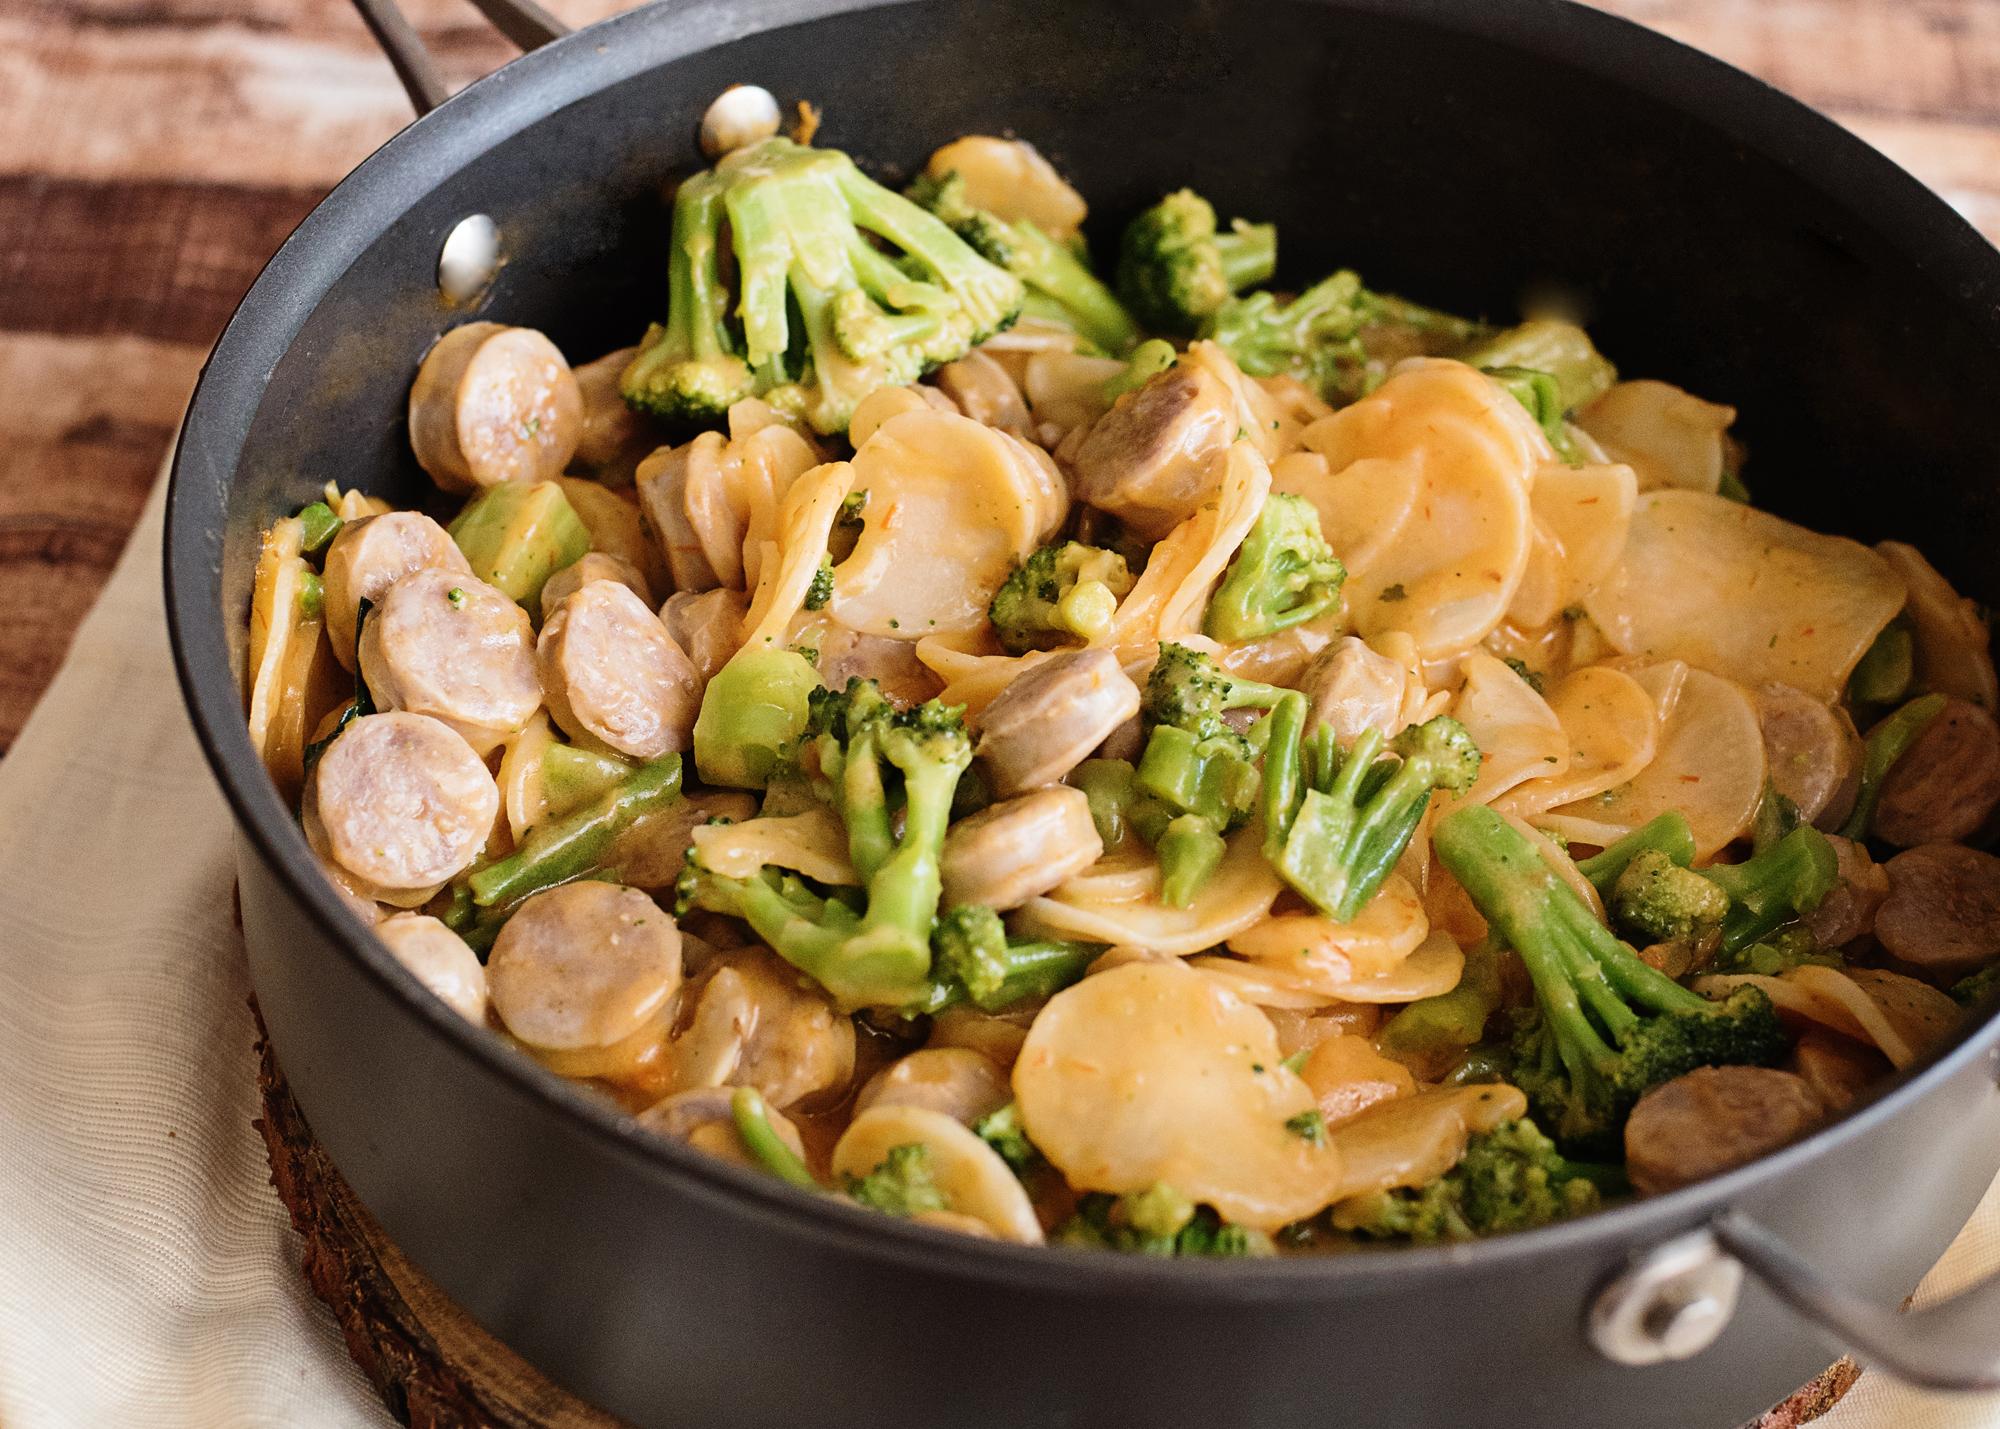 Cheesy Potatoes, Broccoli and Bratwurst Skillet Recipe